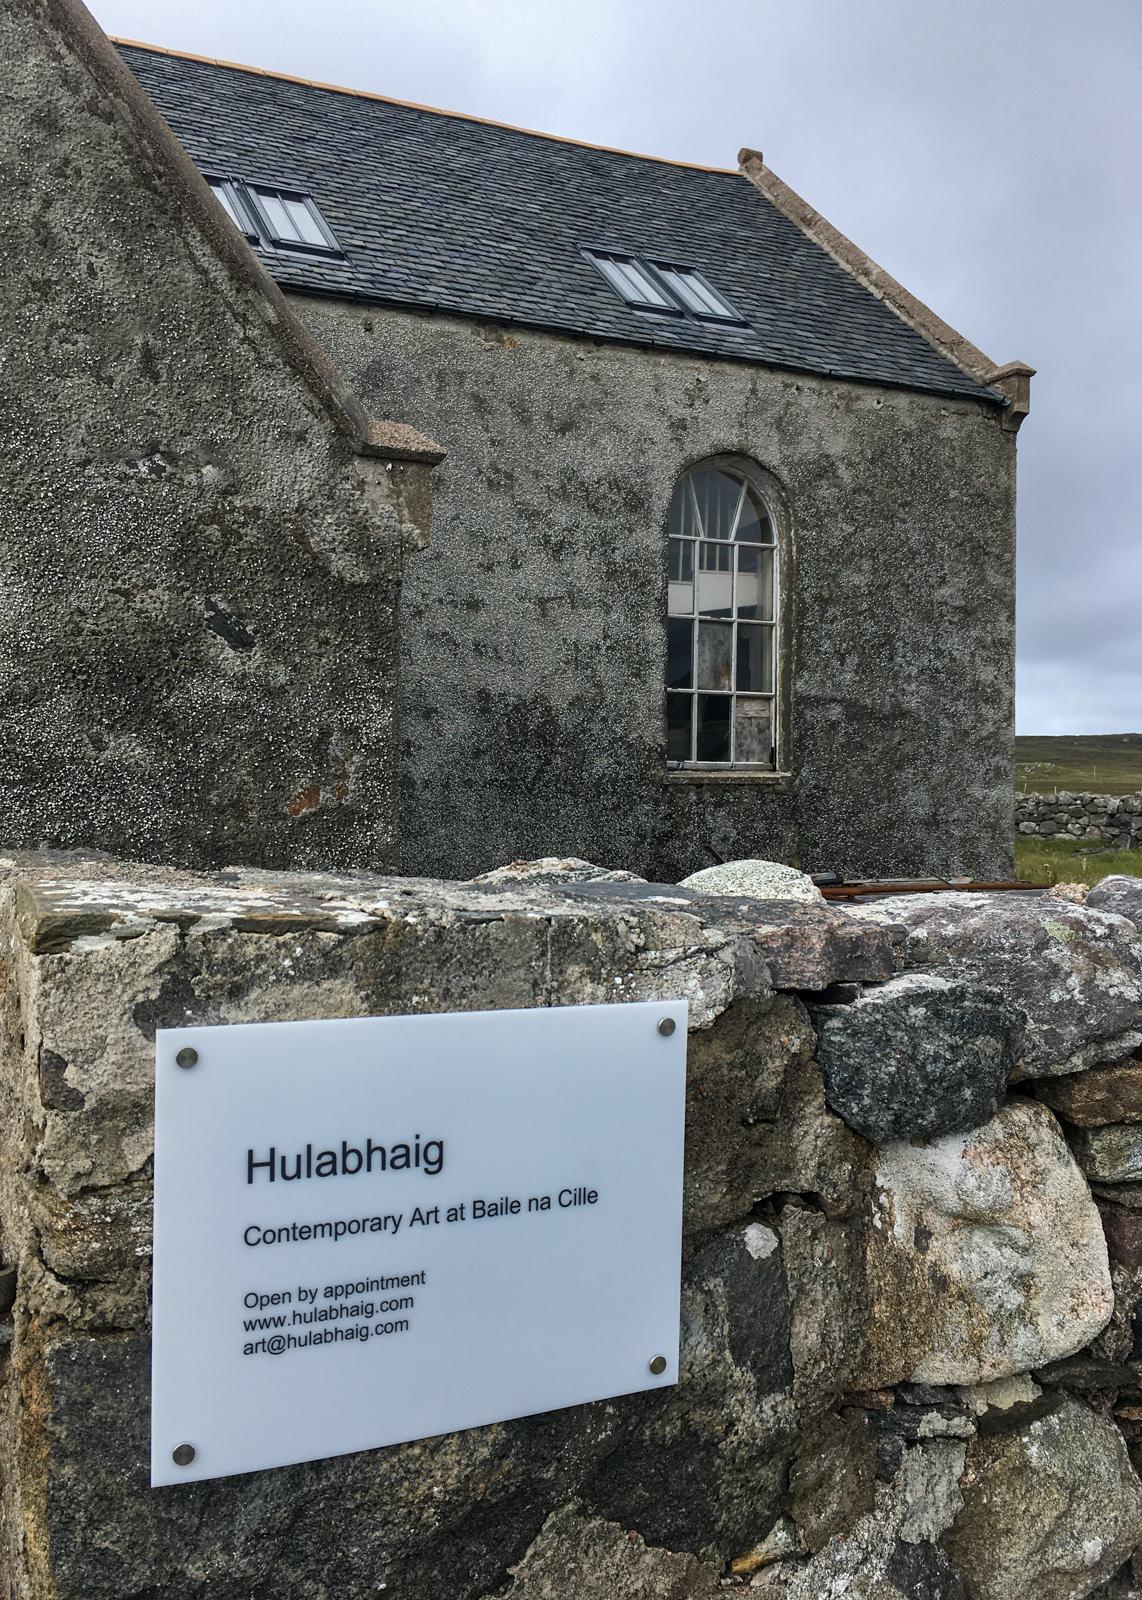 Hulabhaig at Baile na Cille Church